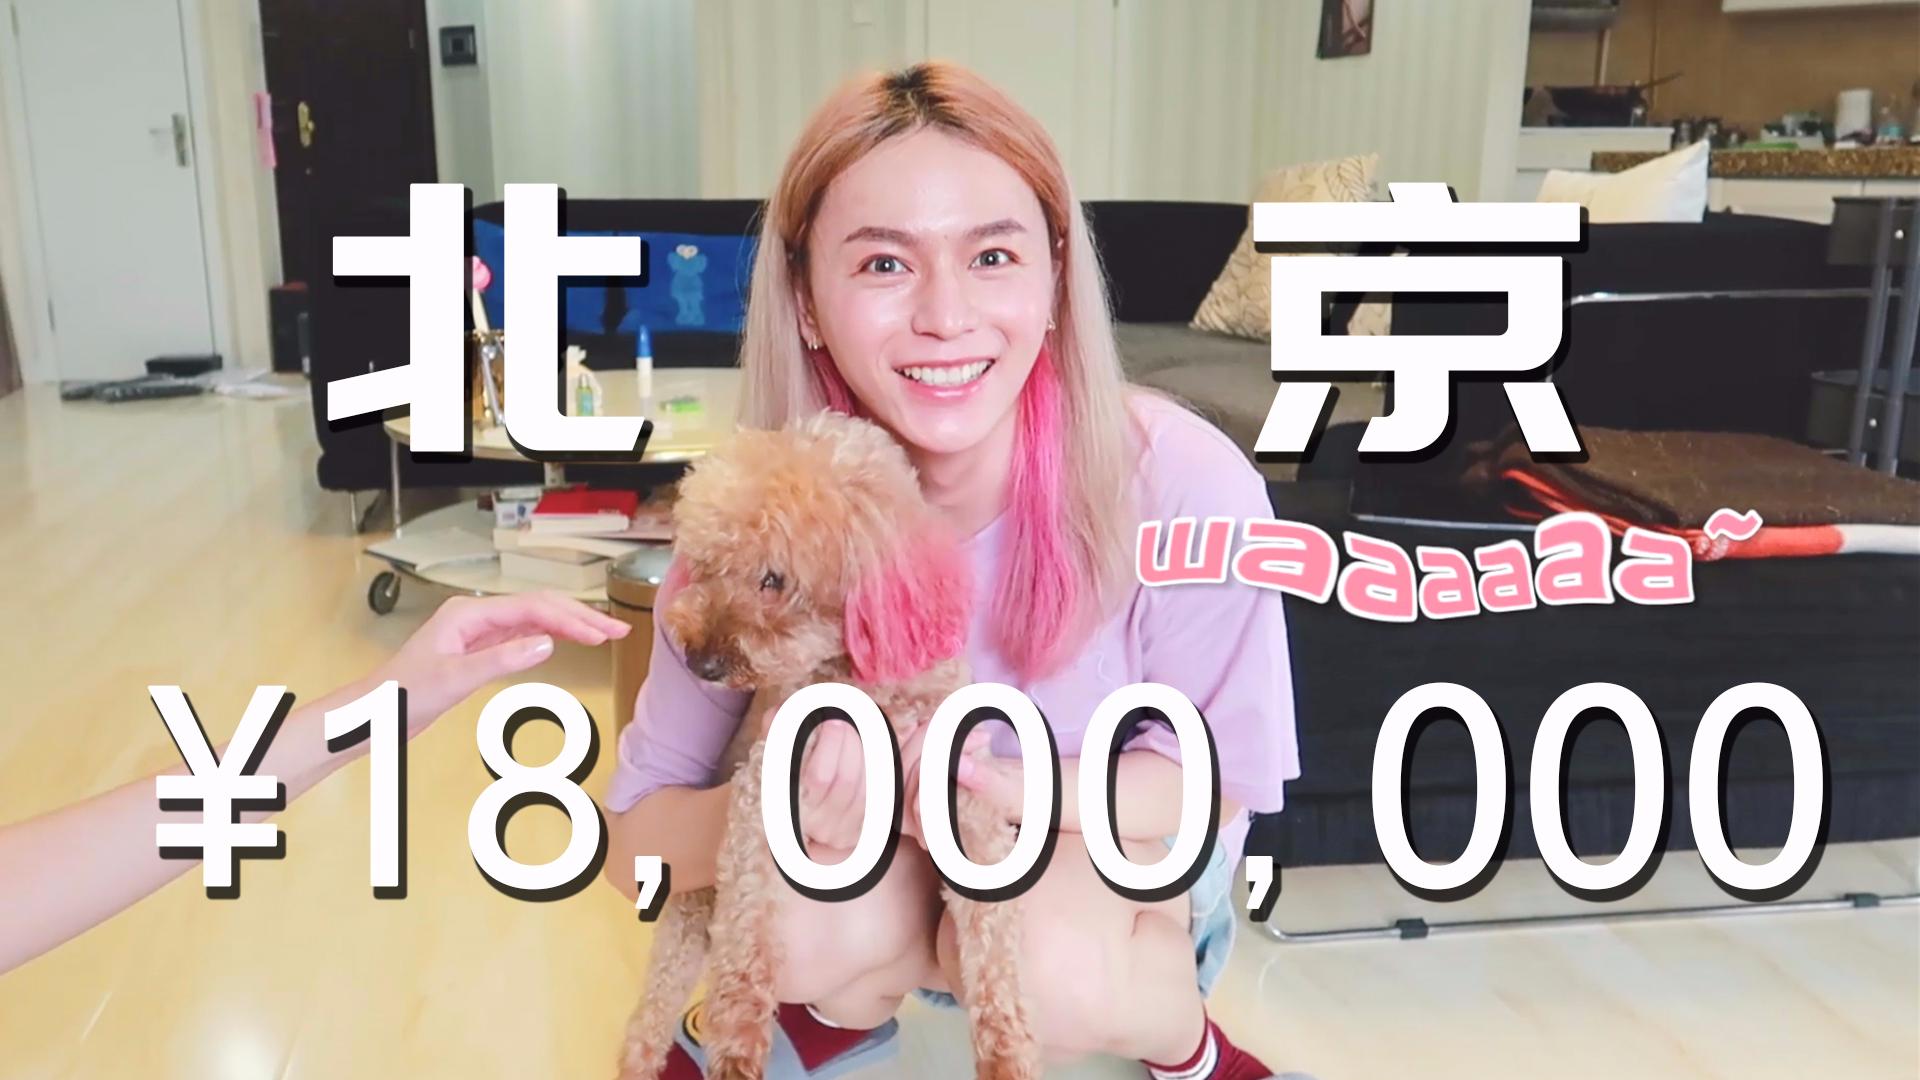 【木木】花1800万,在北京四环内能买到什么样的房子?体验富婆的快乐生活